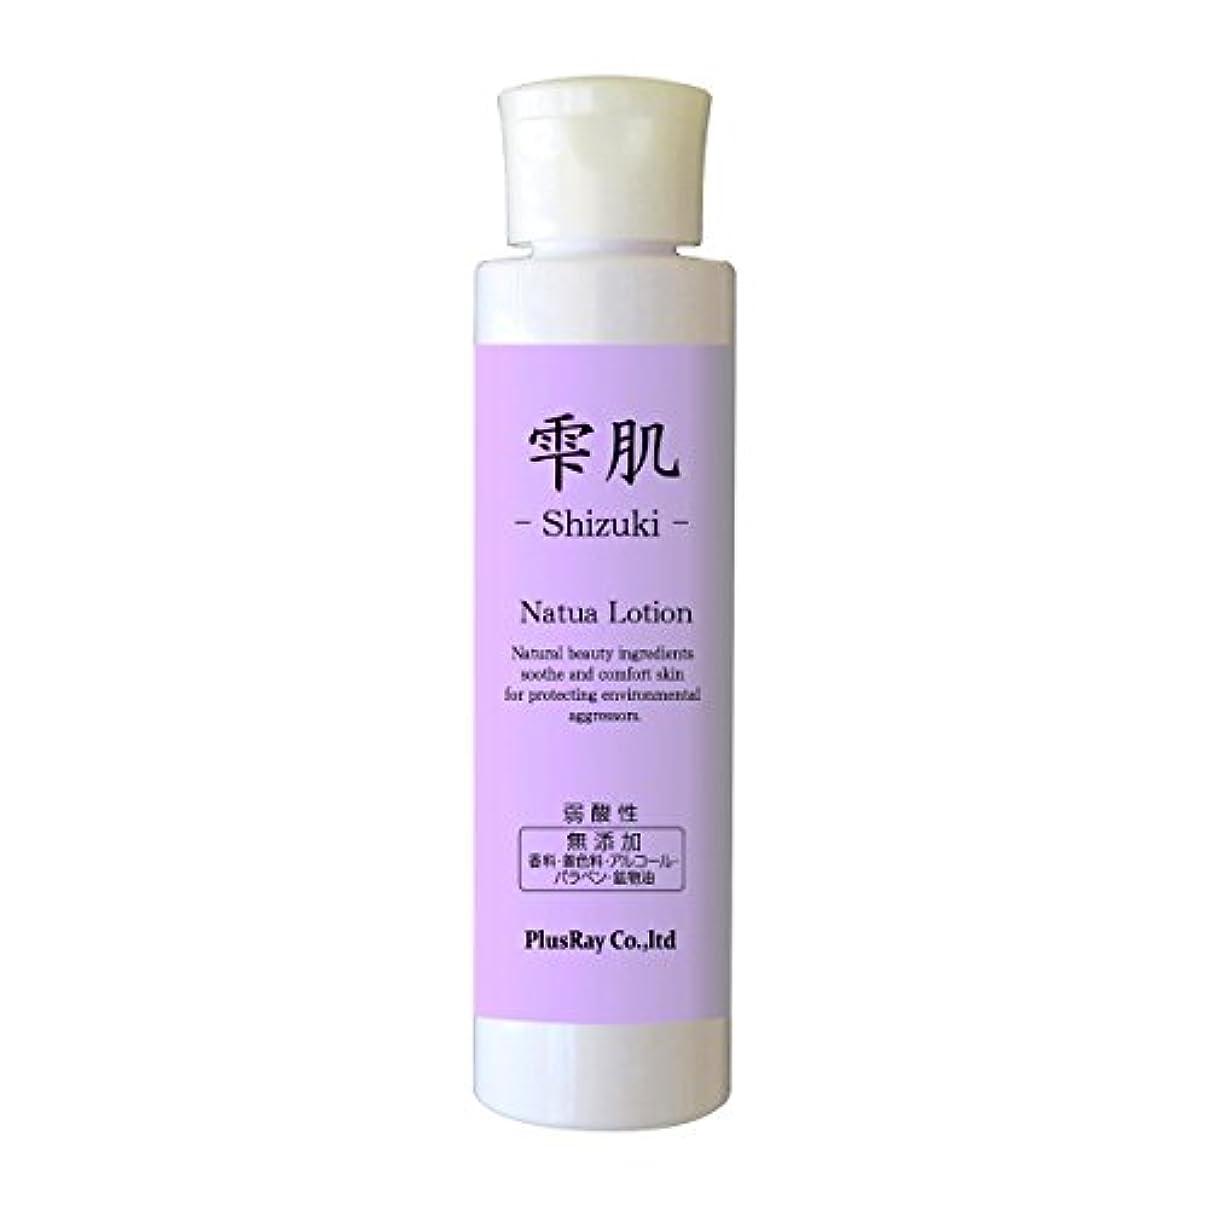 備品禁輸家庭プラスレイ(PlusRay)化粧品 ナチュアローション 雫肌 しづき アズレン 化粧水